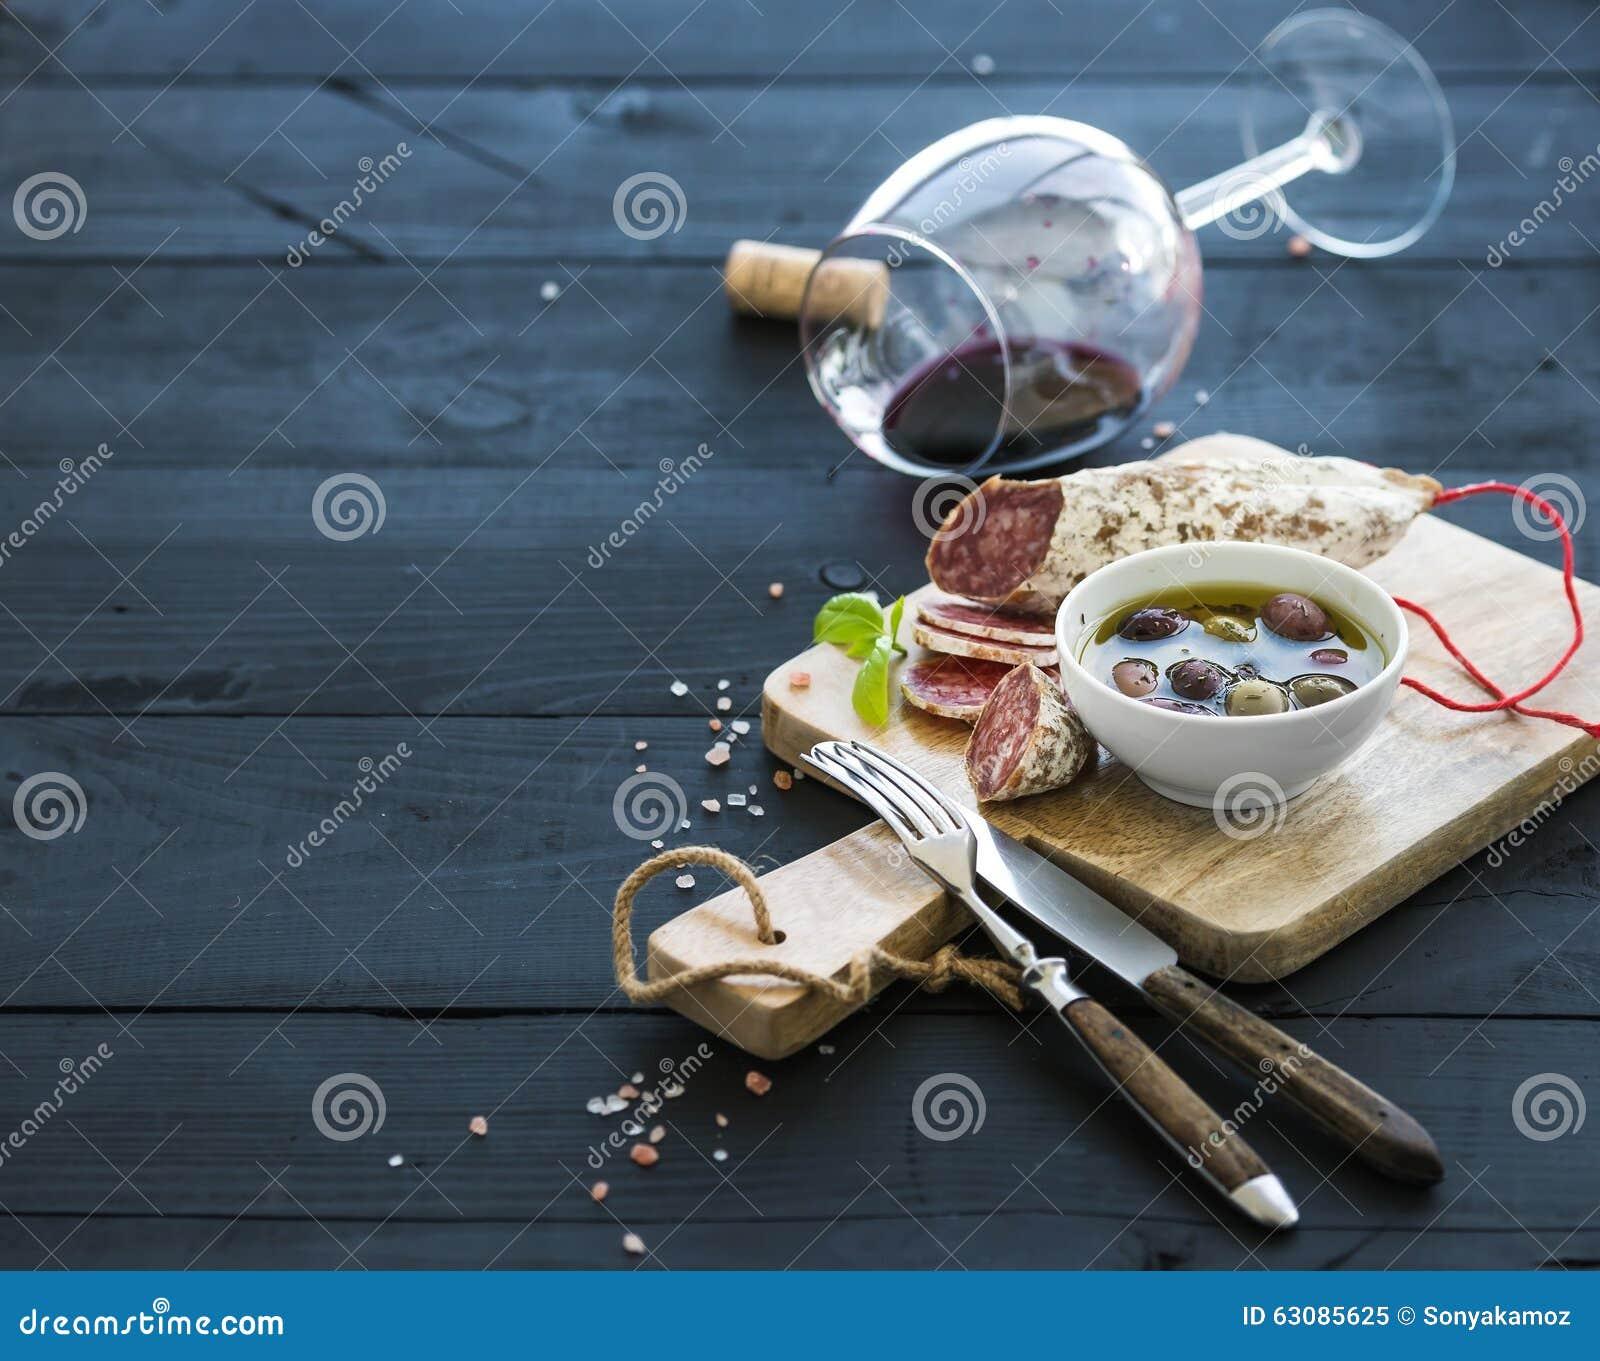 Download Ensemble D'apéritif De Vin Verre De Vin Rouge, Français Image stock - Image du closeup, boisson: 63085625